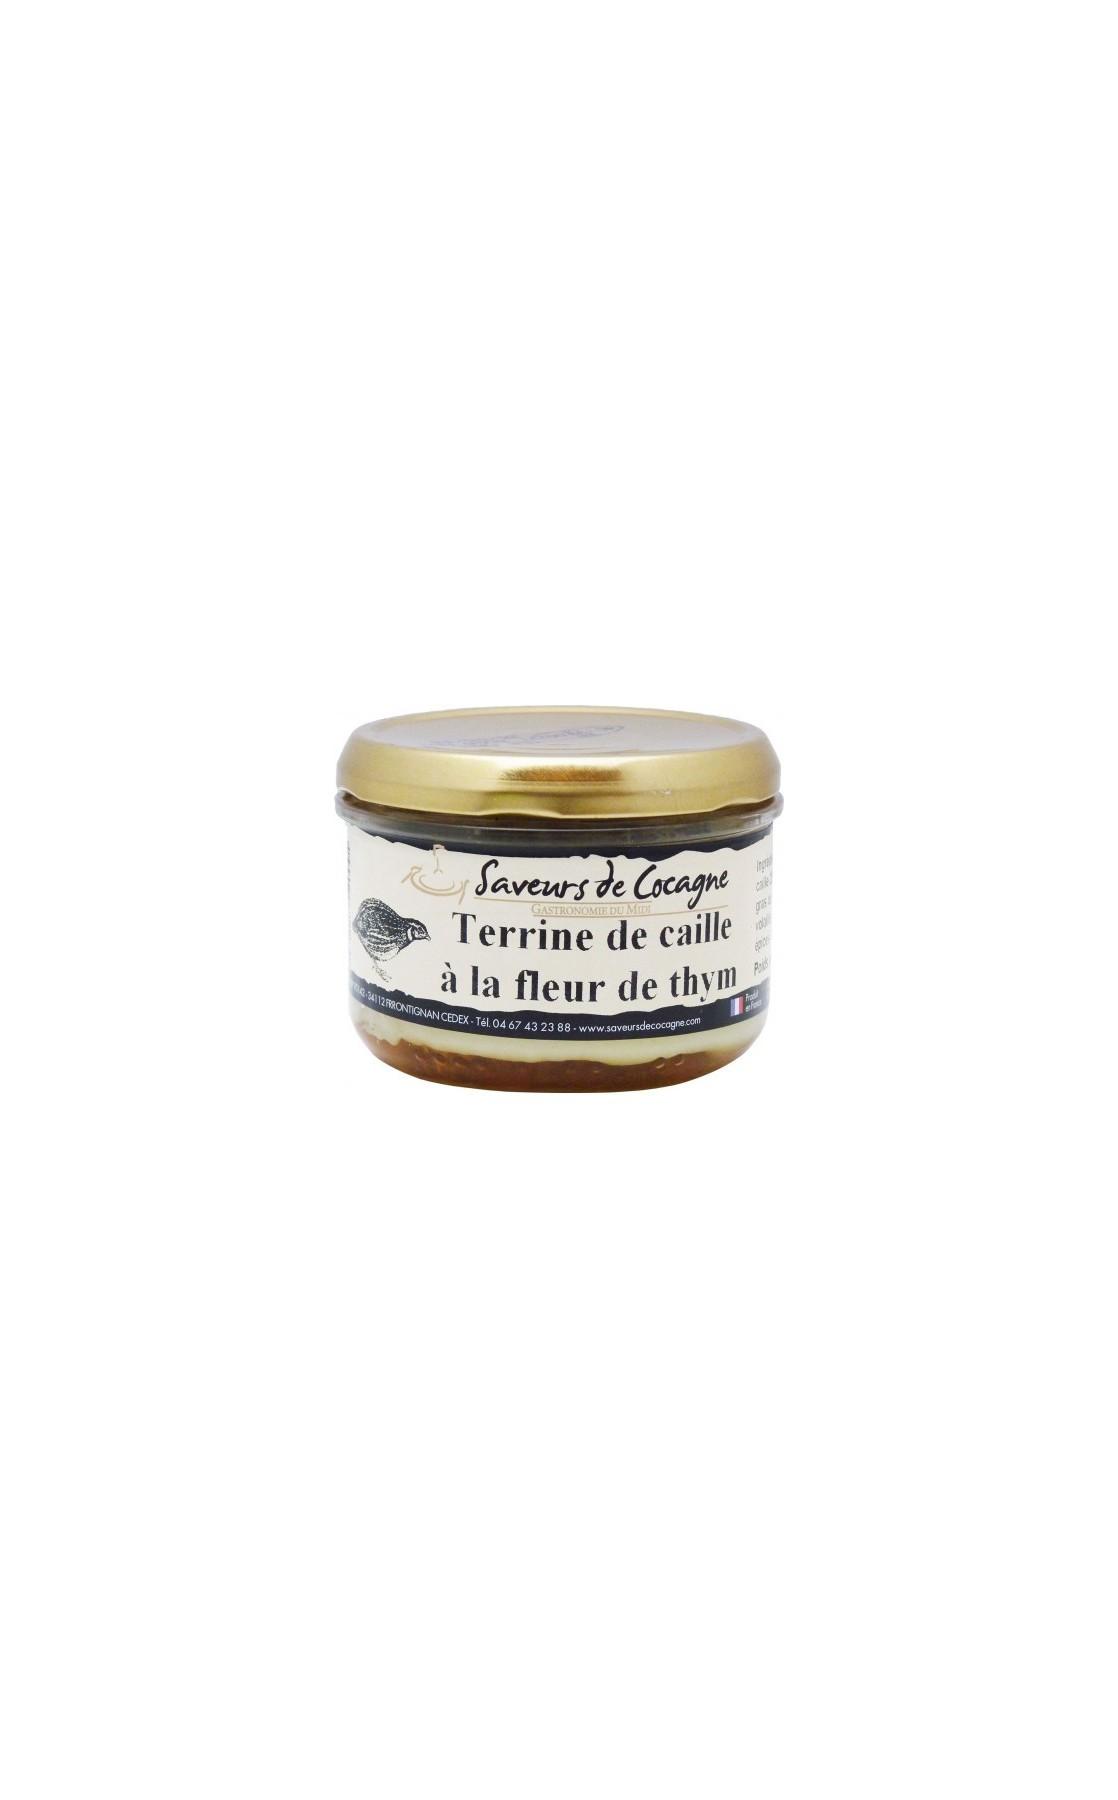 Terrine de caille à la fleur de thym 180g